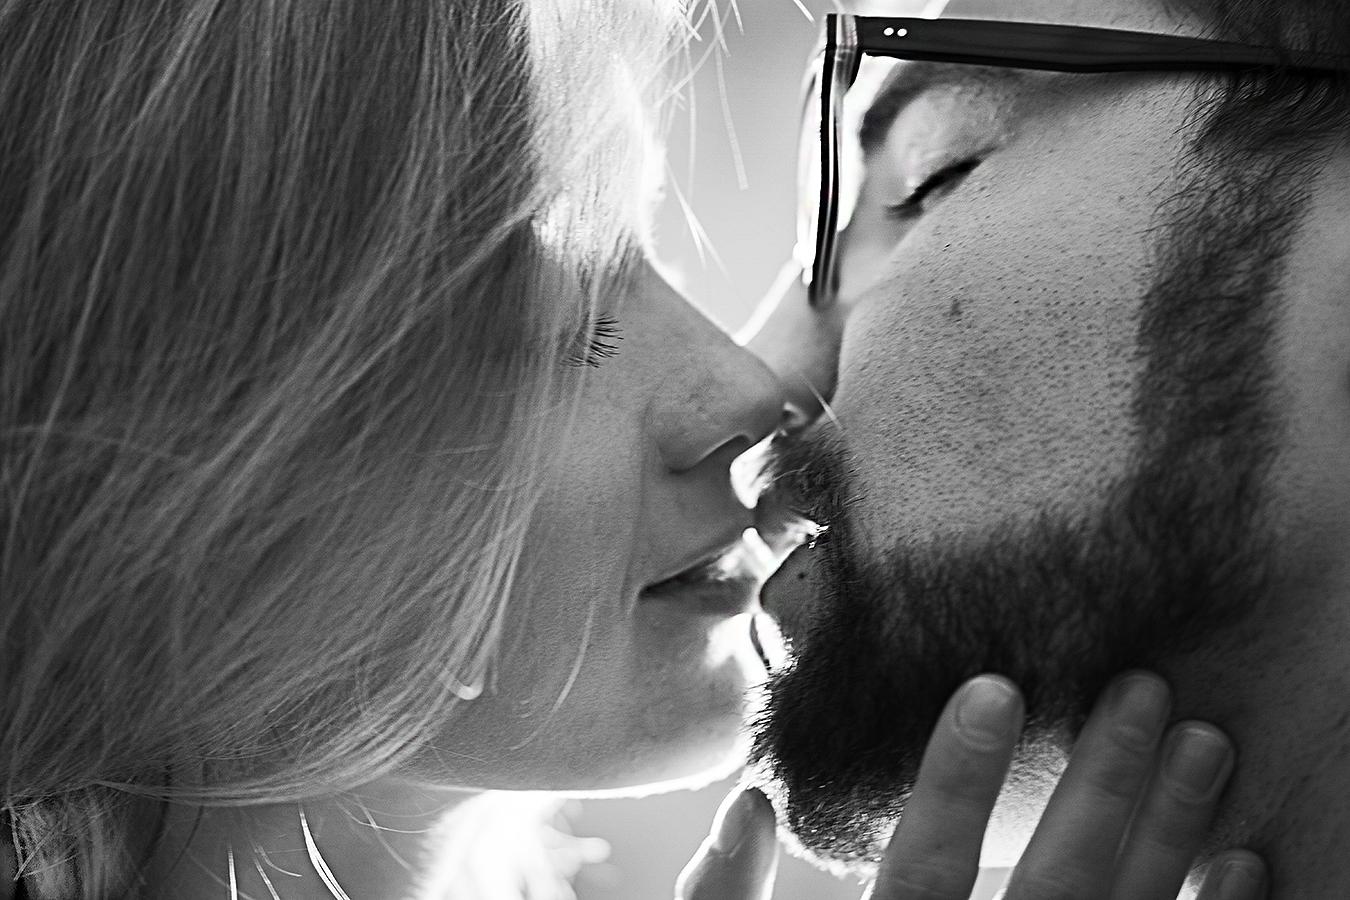 Remy_Haber_kiss_love_lovers_erotic_kissing_black_white_finger_beard